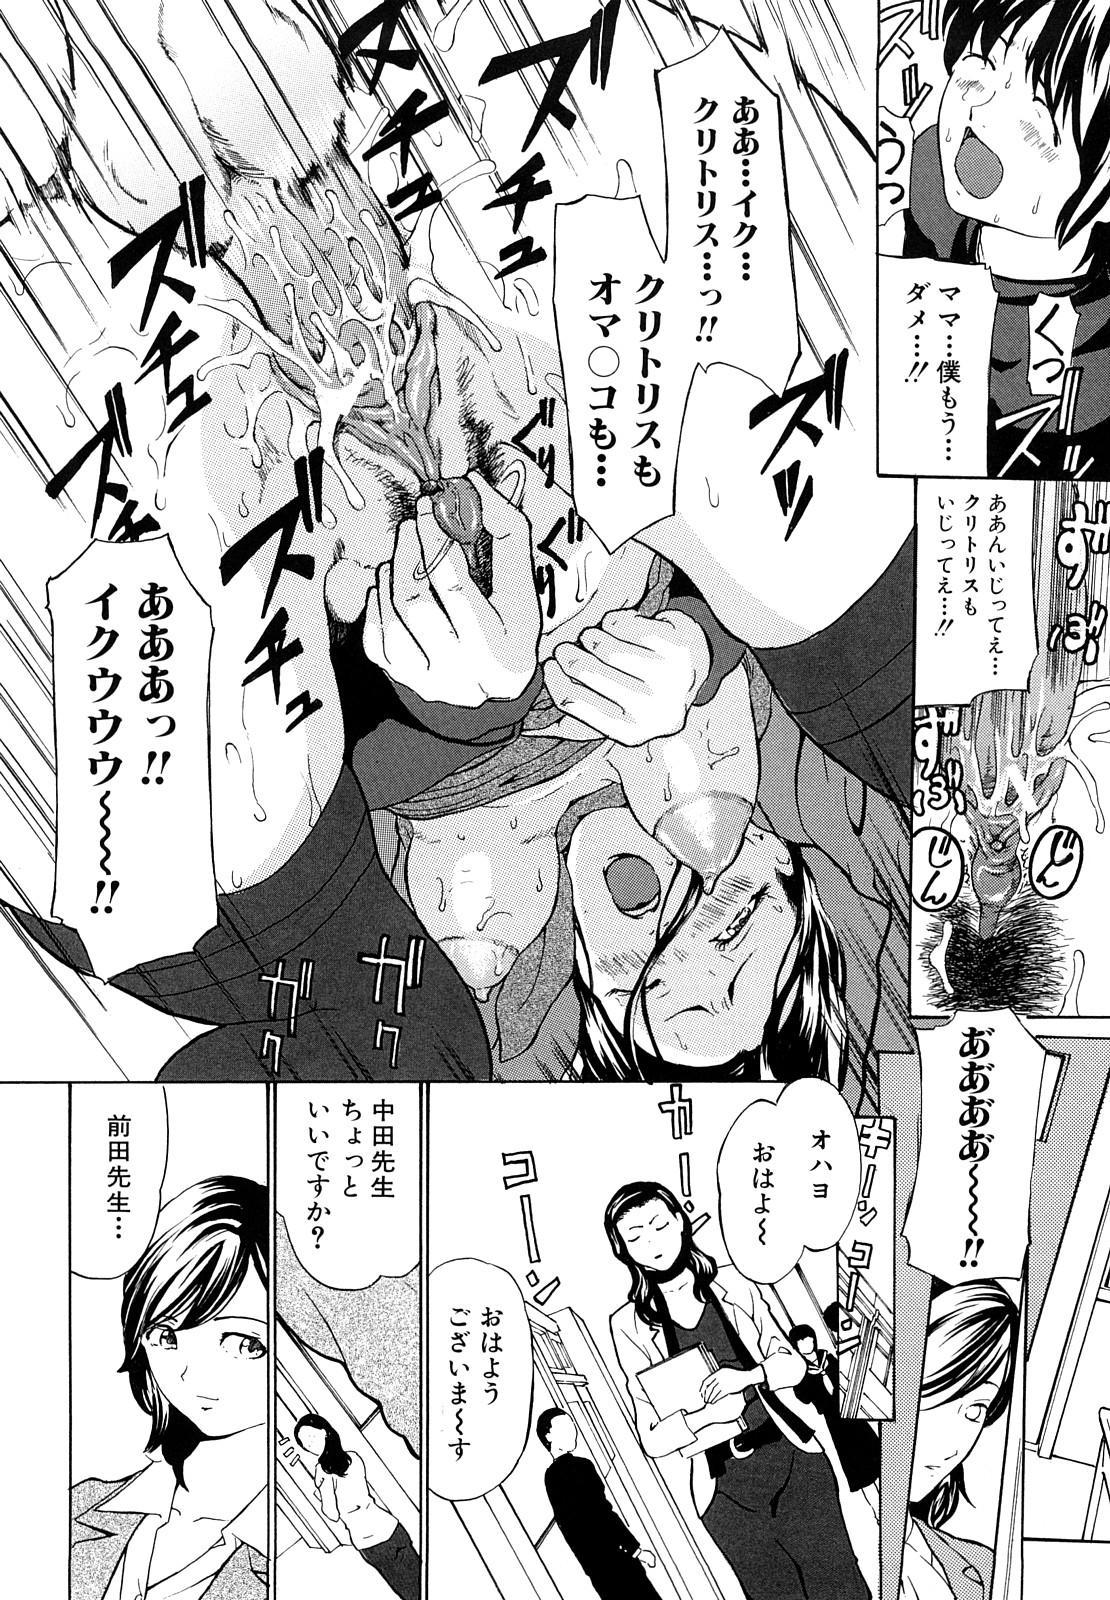 Jusei Tekireiki - Age Suitable For Fertilization 156